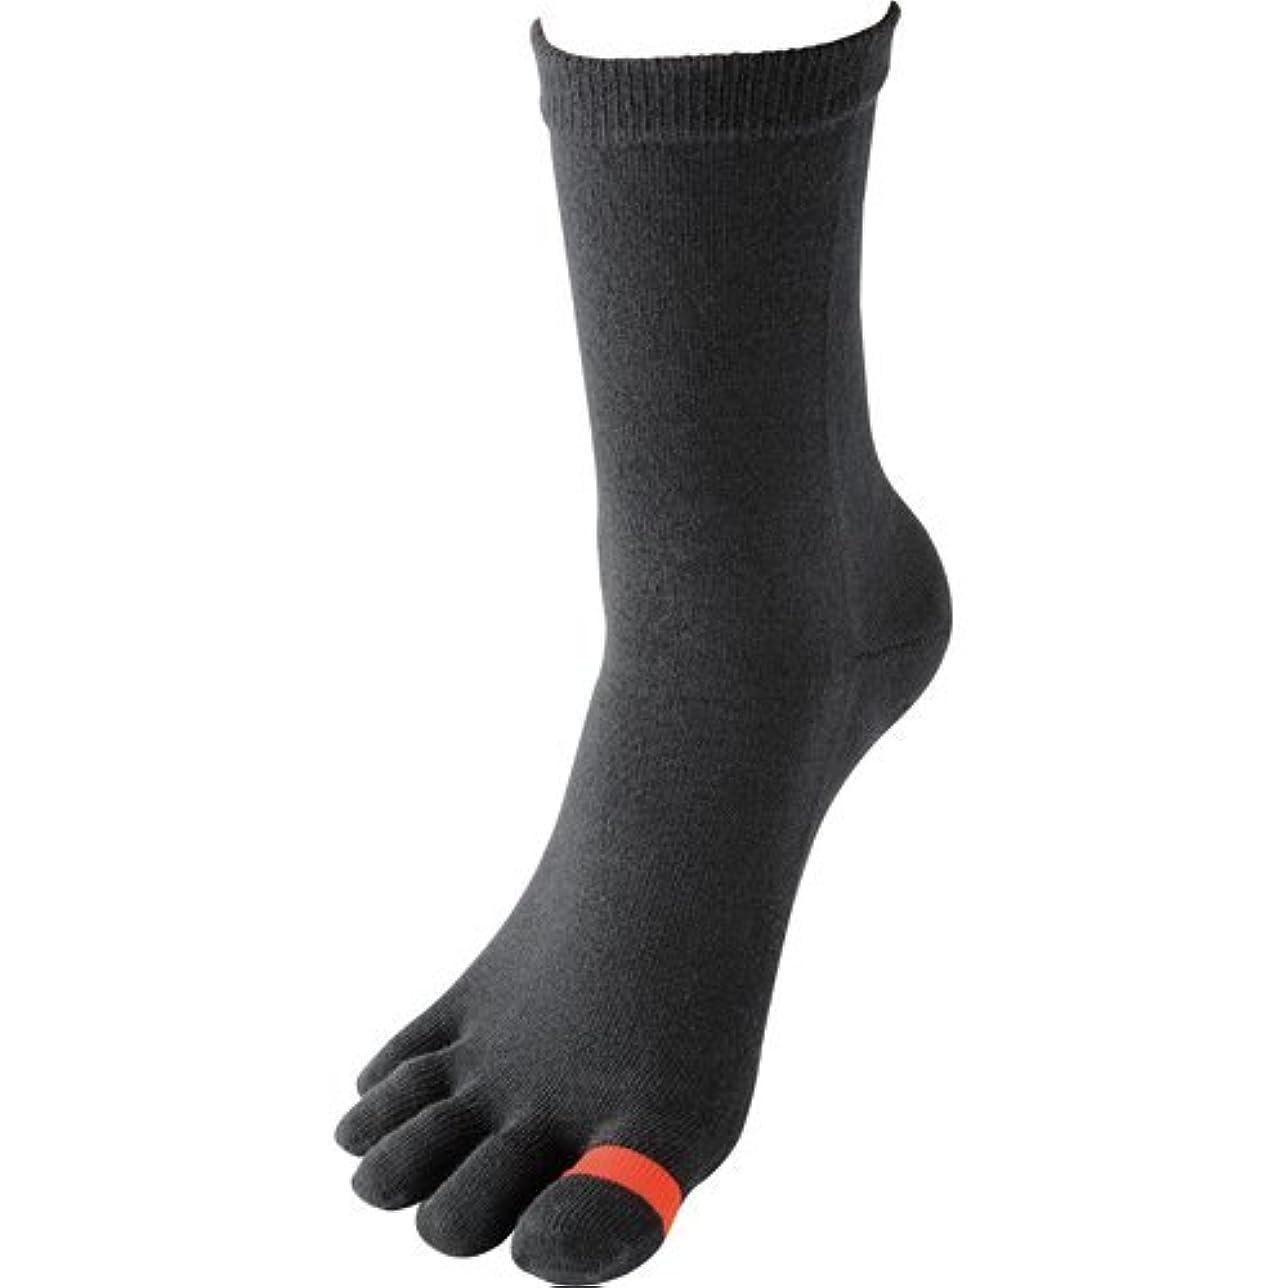 ふけるくさび協会勝野式 親指リング靴下 履くだけ簡単 足裏ストレッチ効果で外反母趾対策